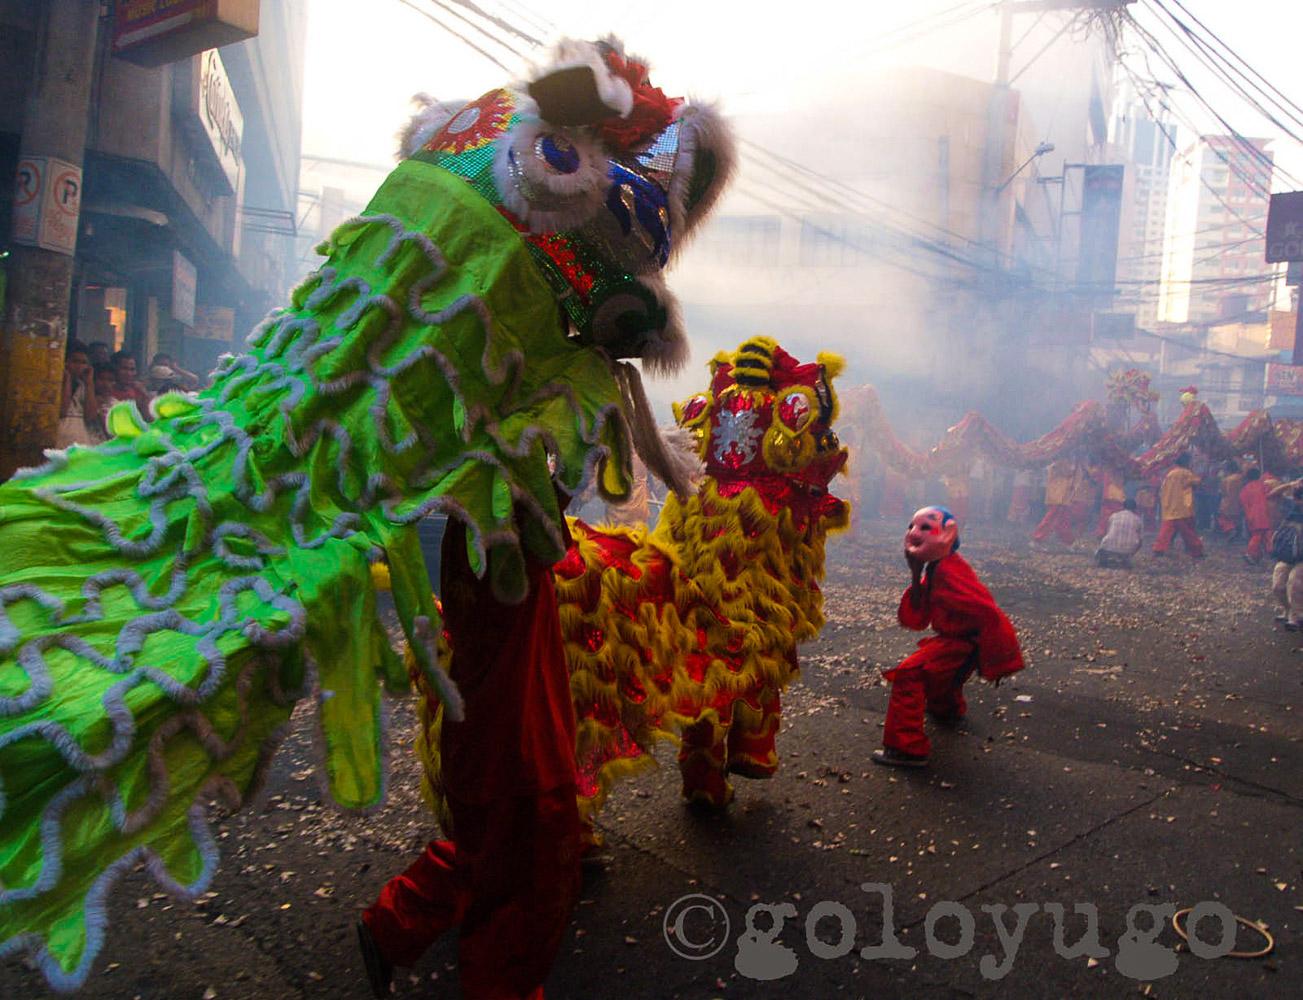 Dragon Dance  Location: Binondo, Manila, Philippines